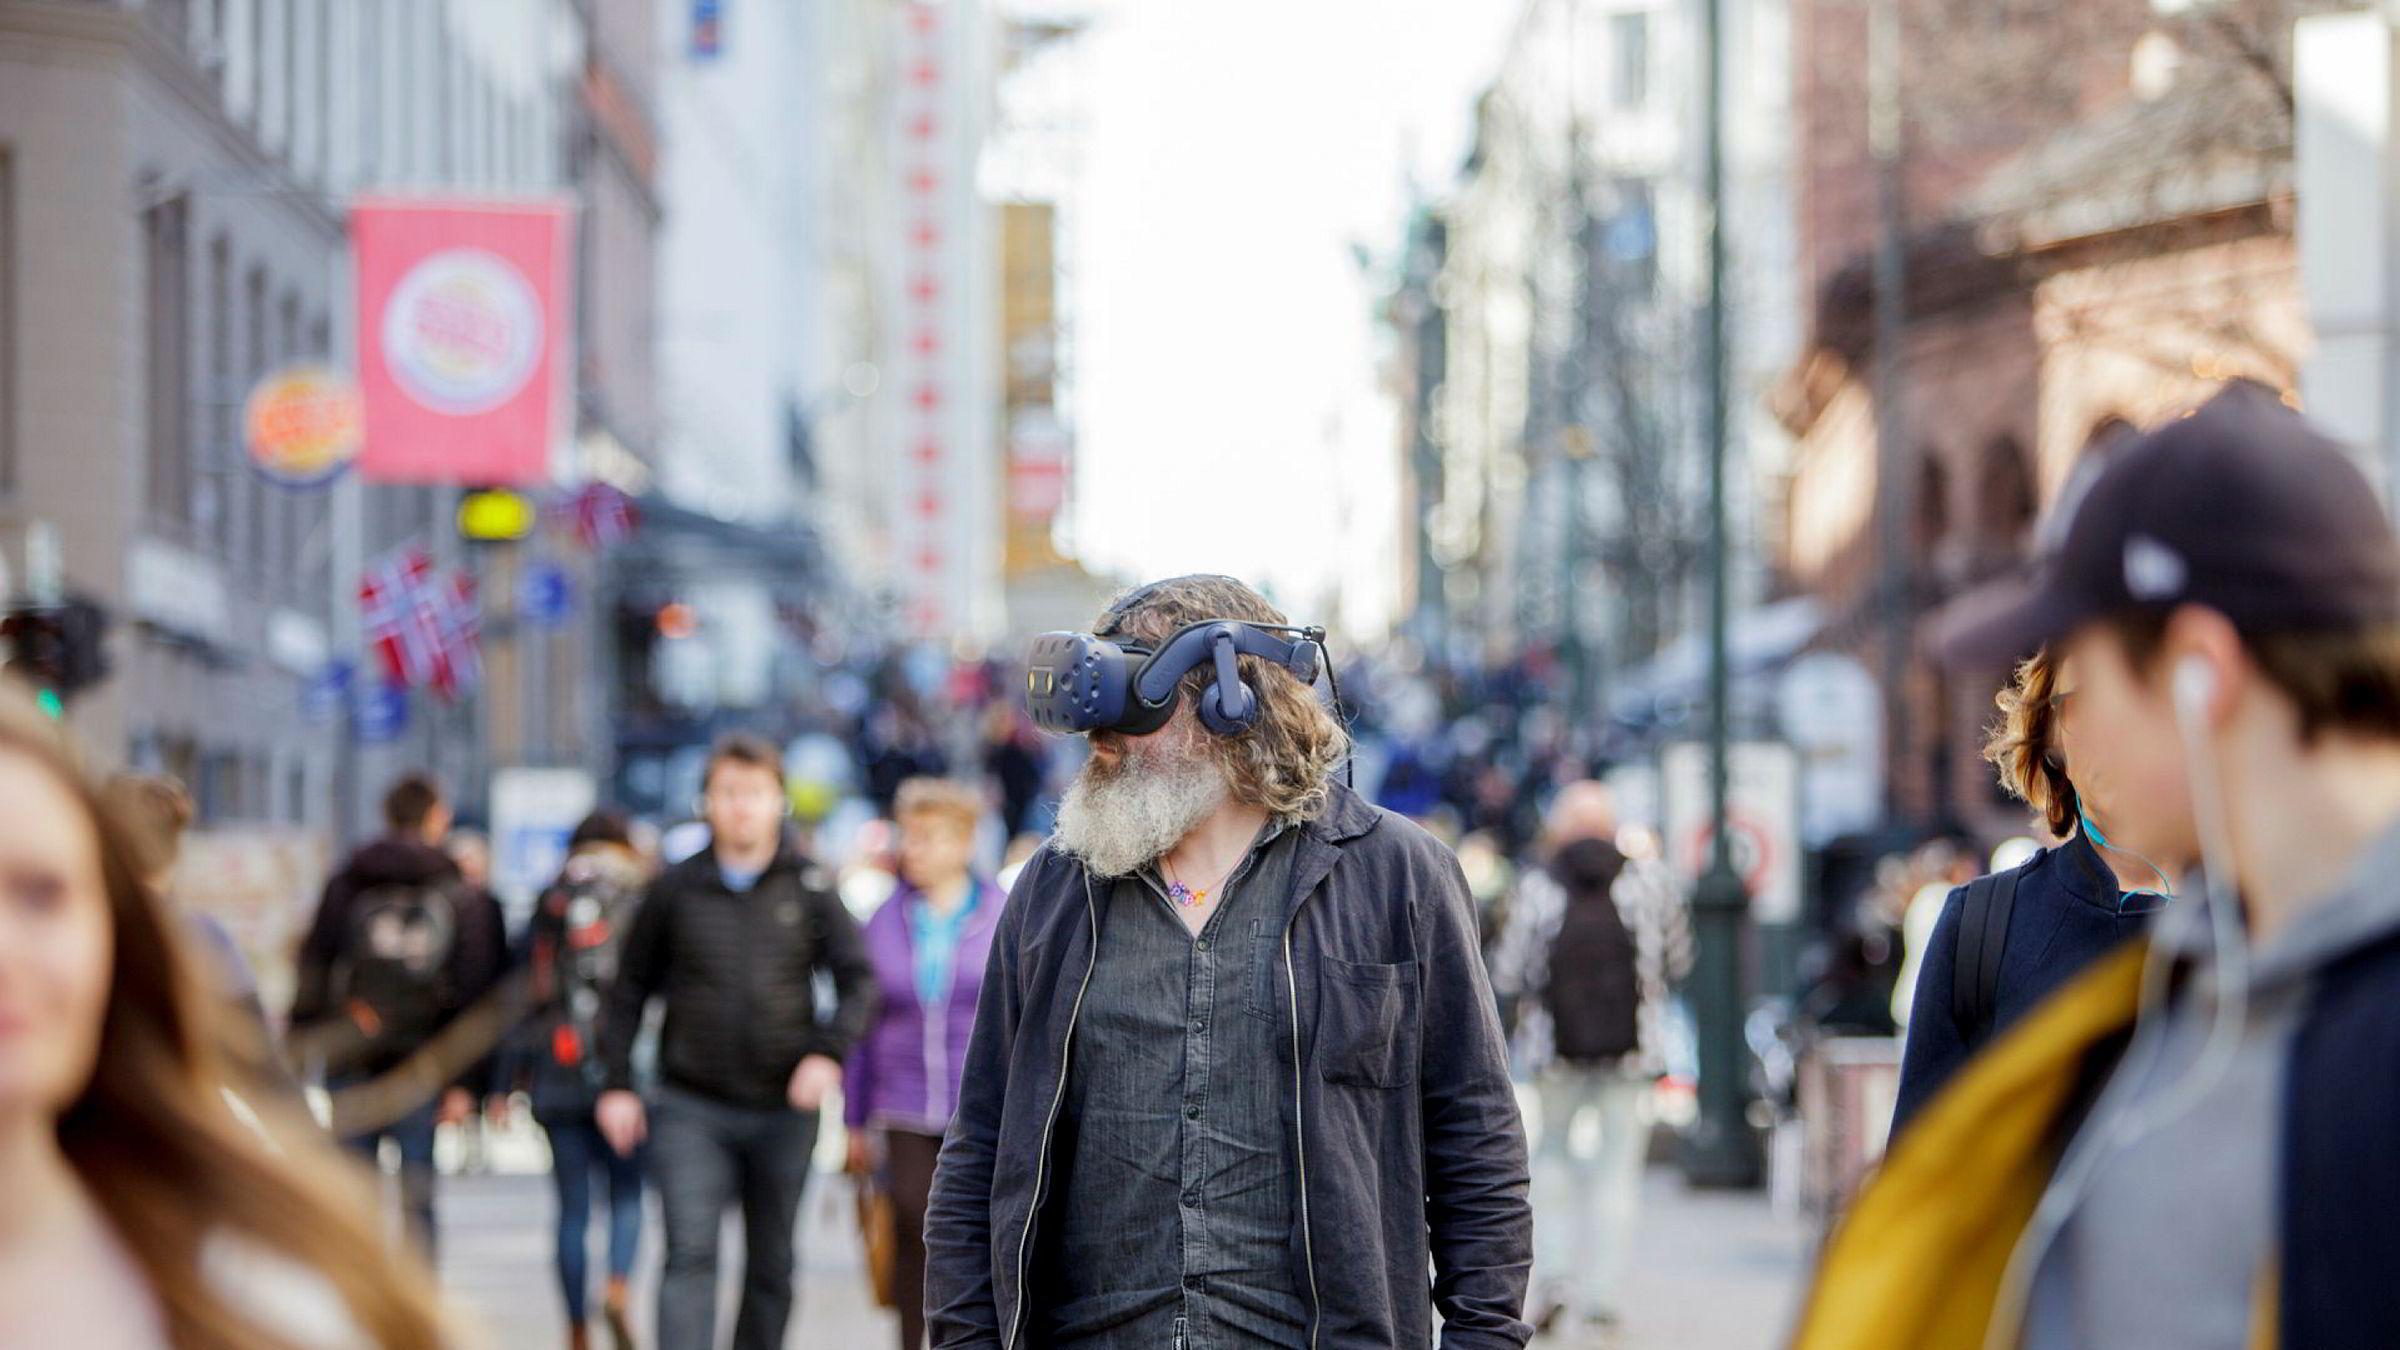 Torgeir Waterhouse i IKT-Norge med VR-briller på Karl Johan. Han har fulgt utviklingen innen VR/AR i lang tid, og tror at vi fortsatt må vente på det virkelige gjennombruddet.